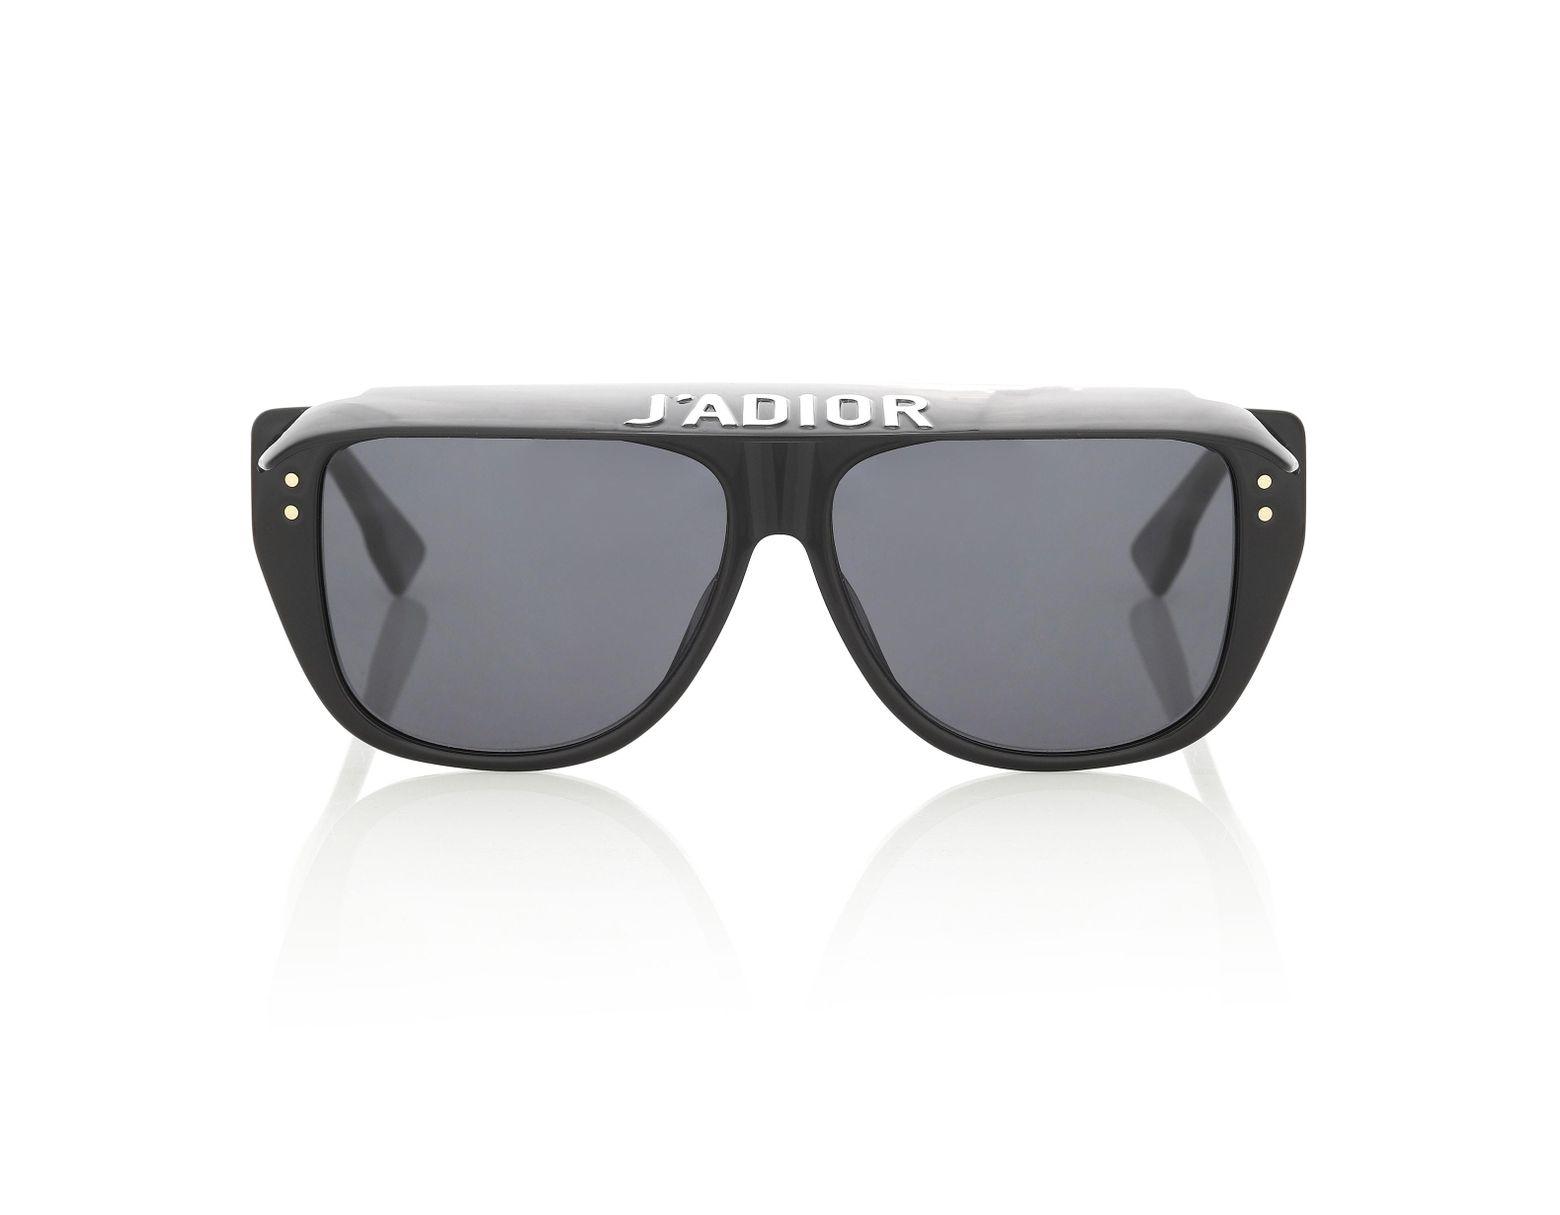 ca21dd48e3 Gafas de sol J'ADIOR Dior de color Negro - Lyst